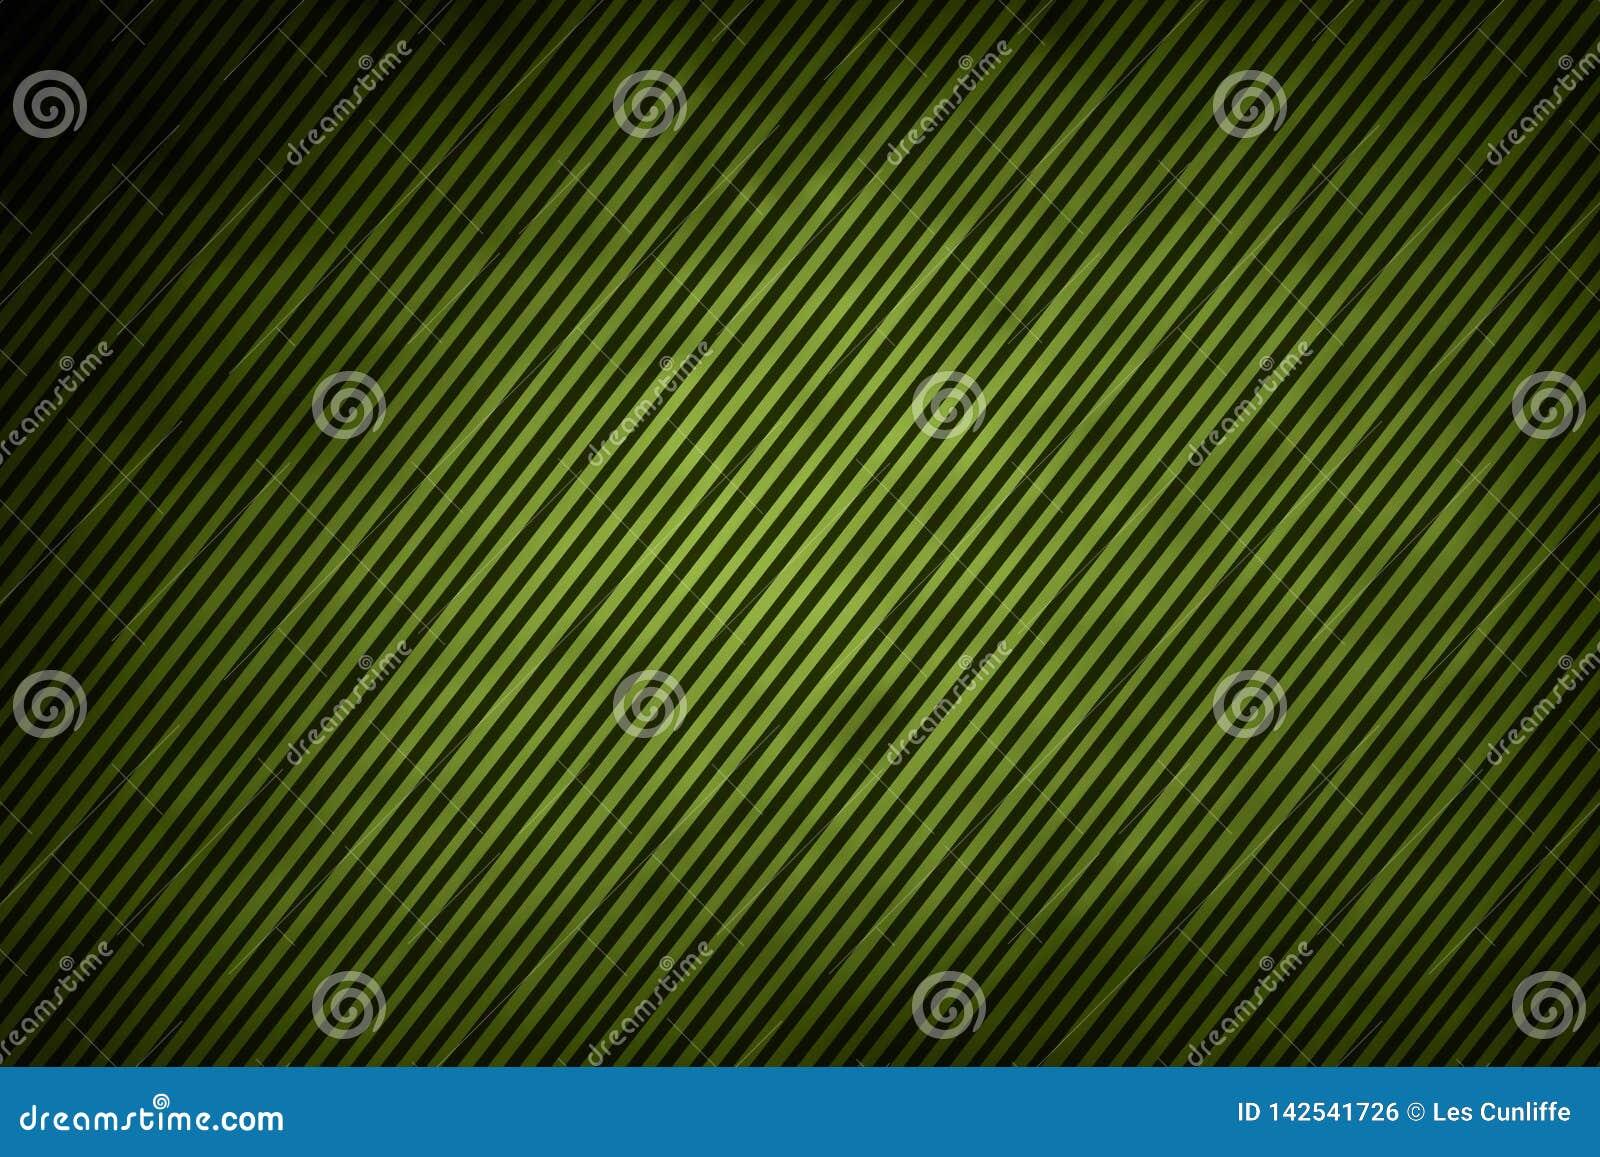 Γραμμές σε πράσινο